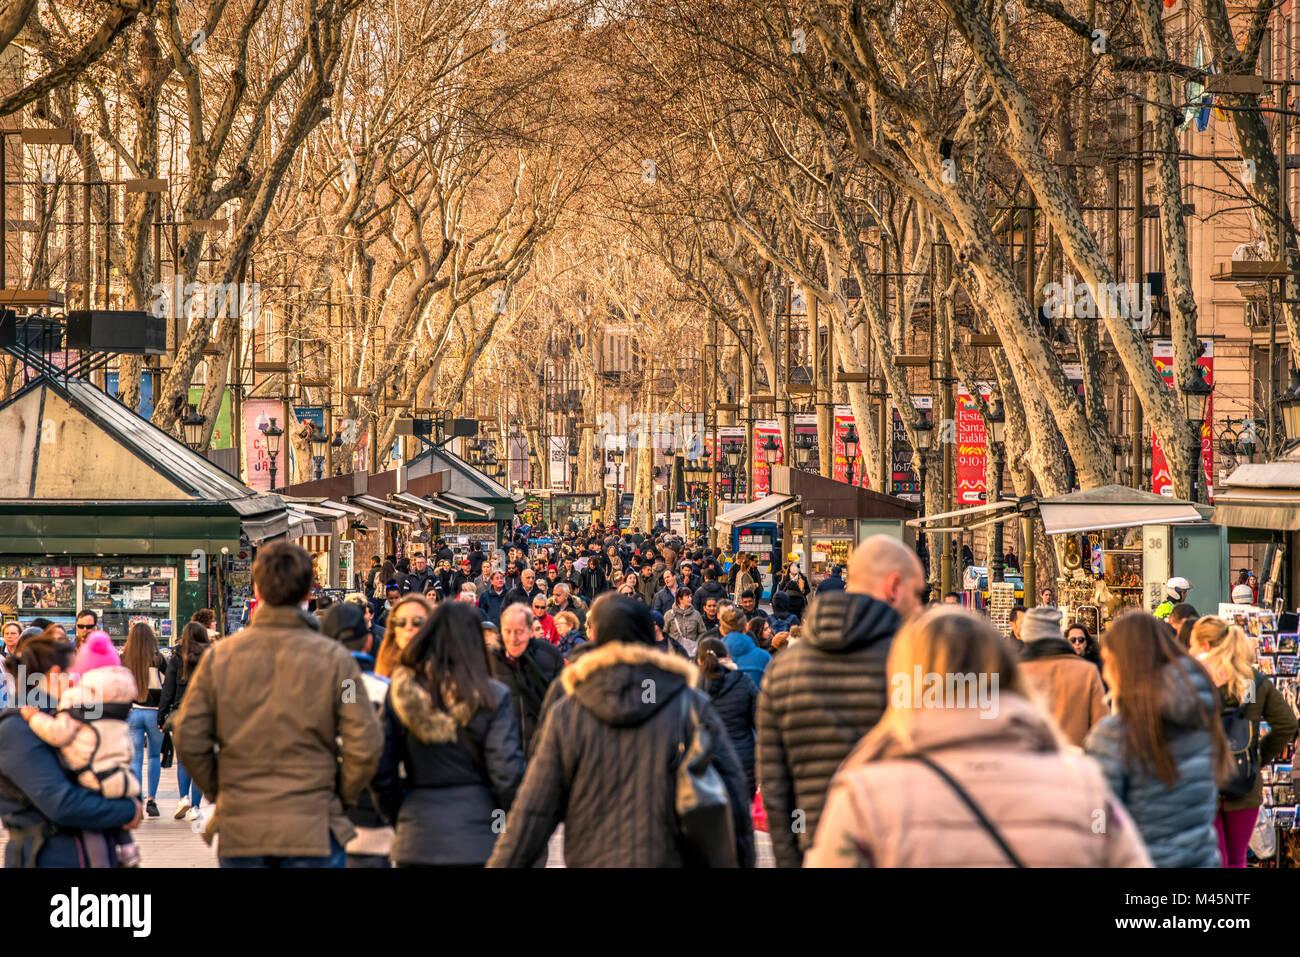 Les touristes à flâner sur la célèbre Rambla rue piétonne, Barcelone, Catalogne, Espagne Photo Stock